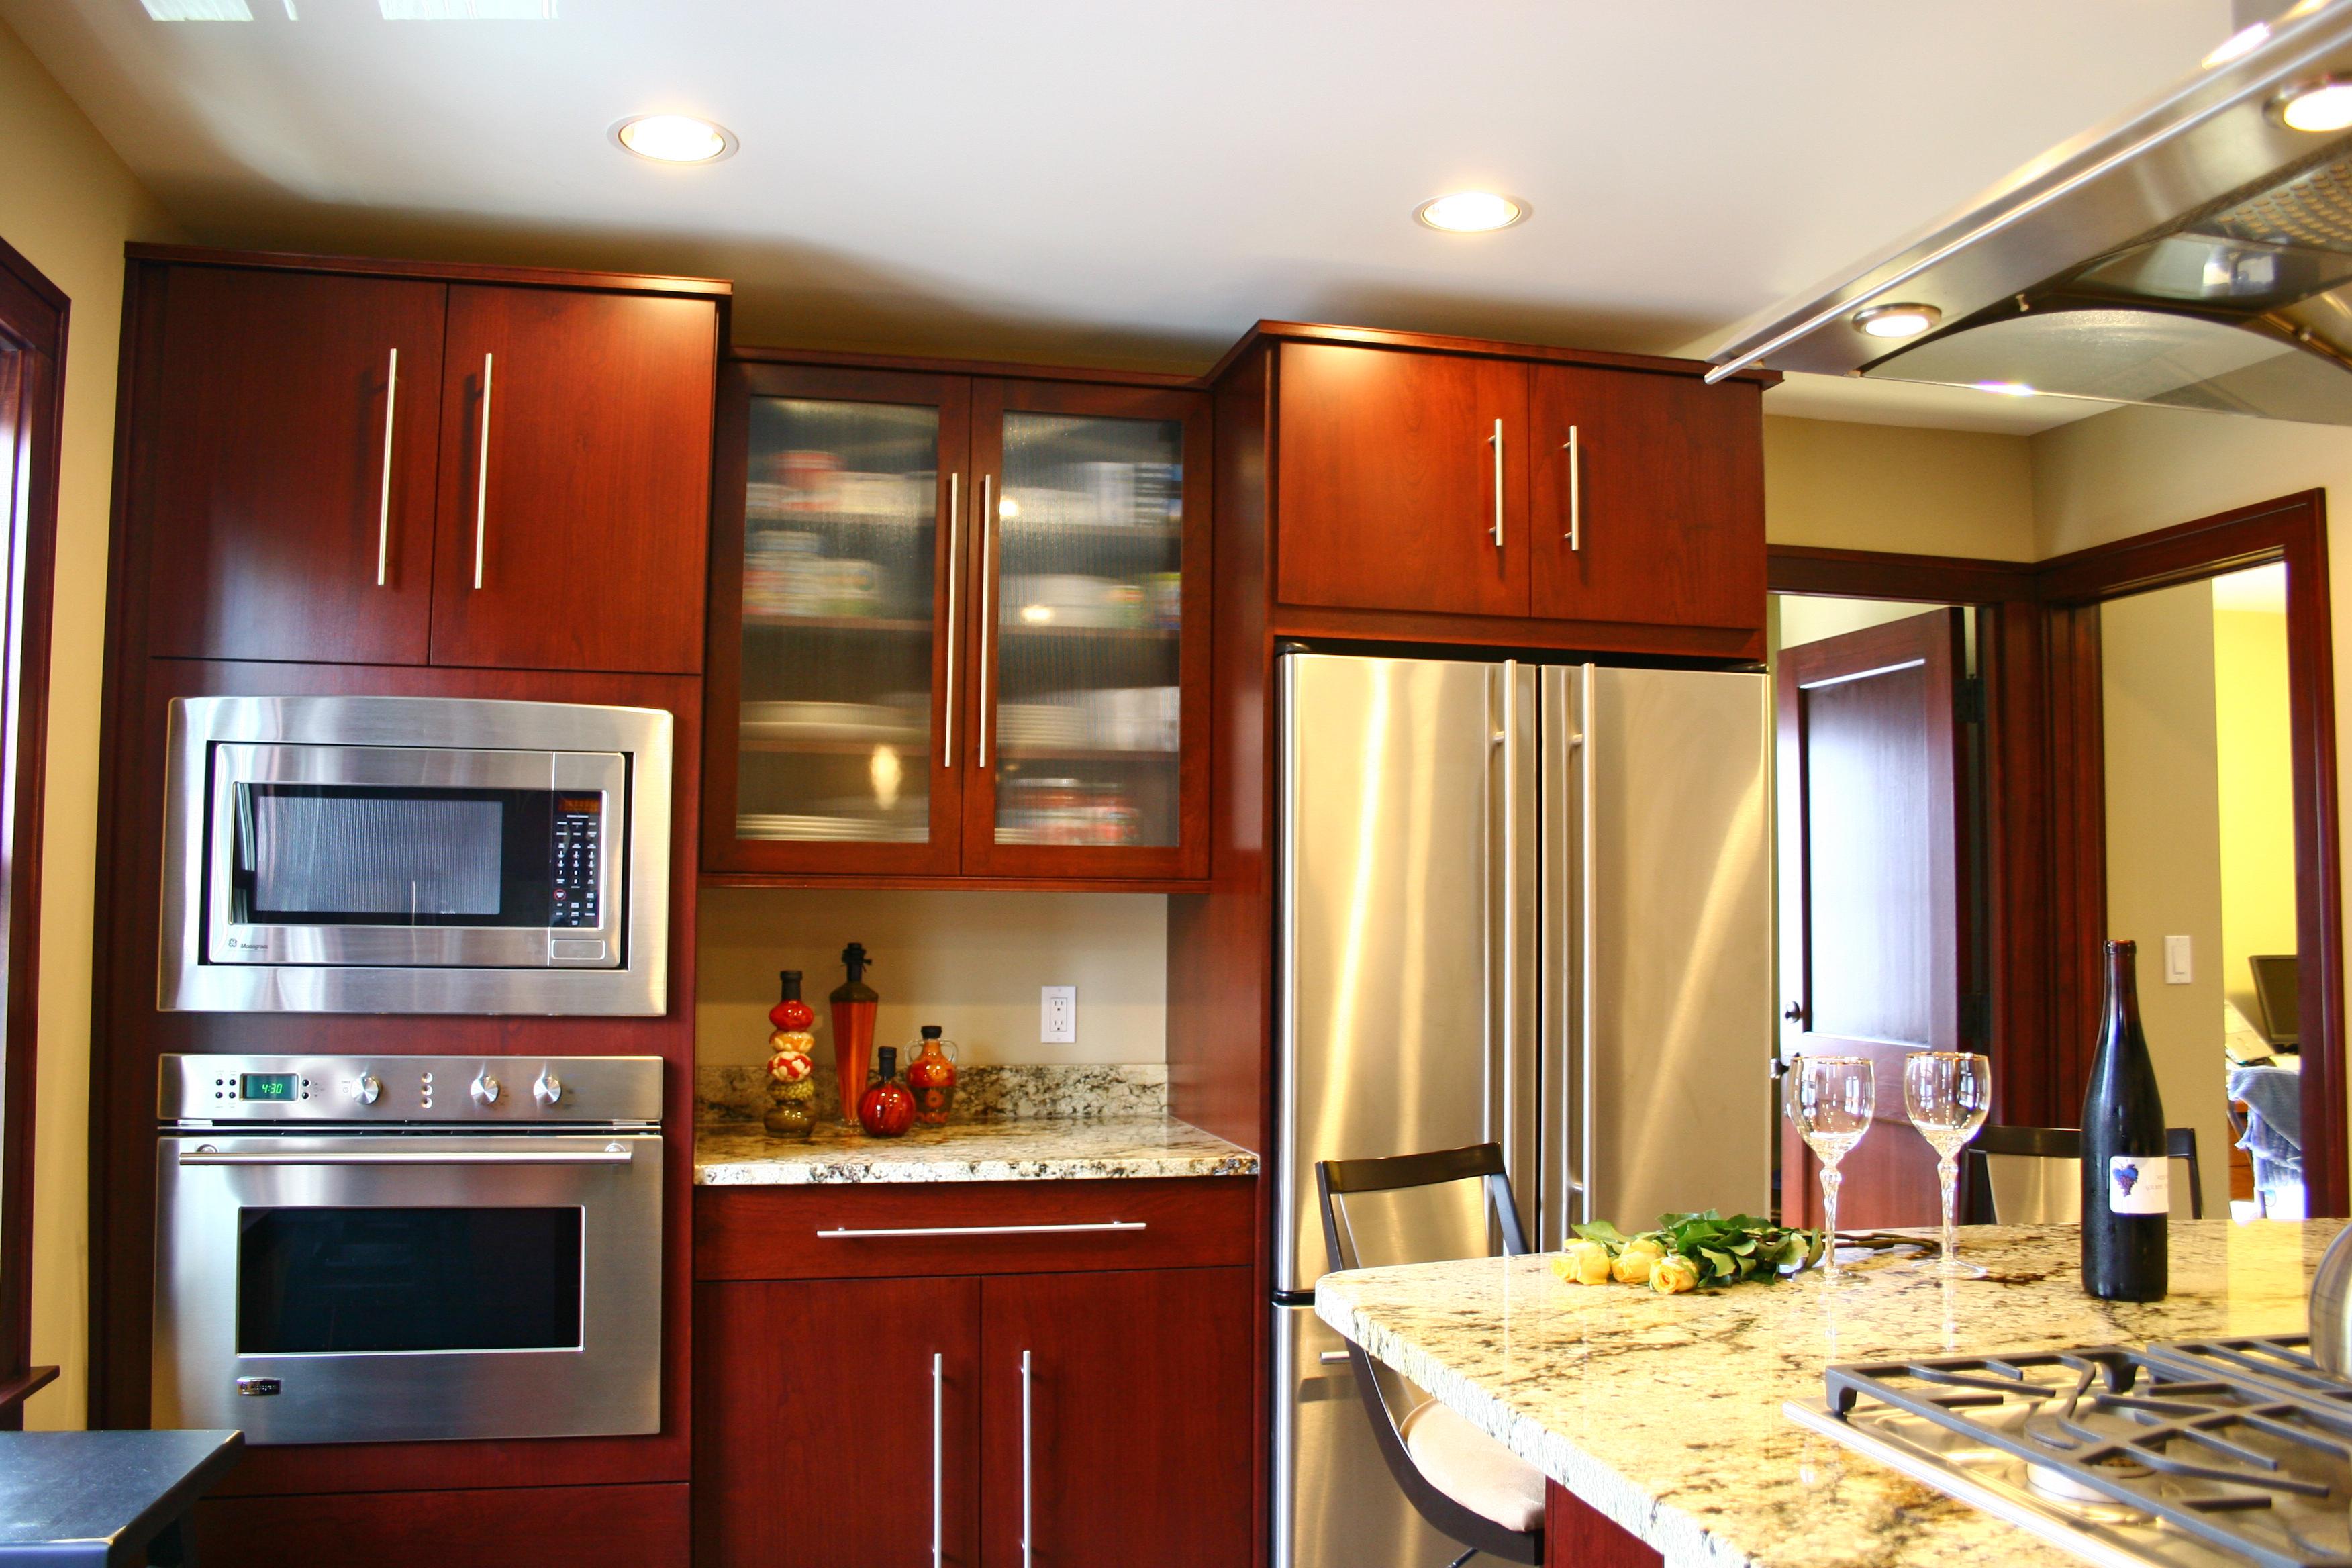 After kitchen 3